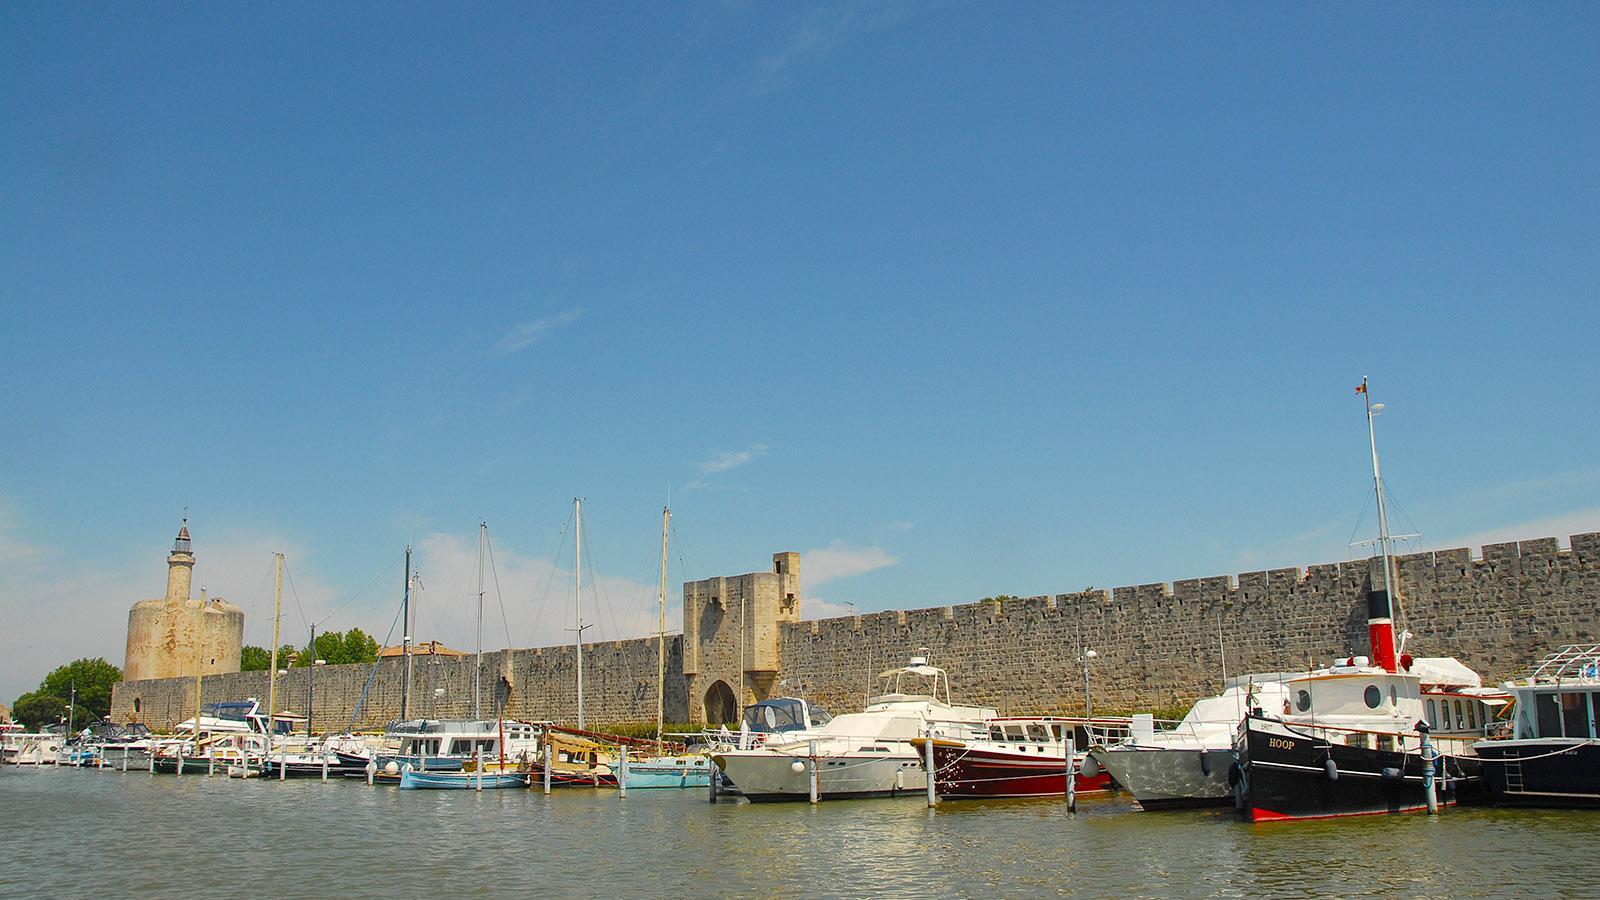 Aigues-Mortes: Blick vom Kanal nach Aigues-Mortes auf die Stadtmauer der Altstadt mit Tour Constance. Foto: Hilke Maunder